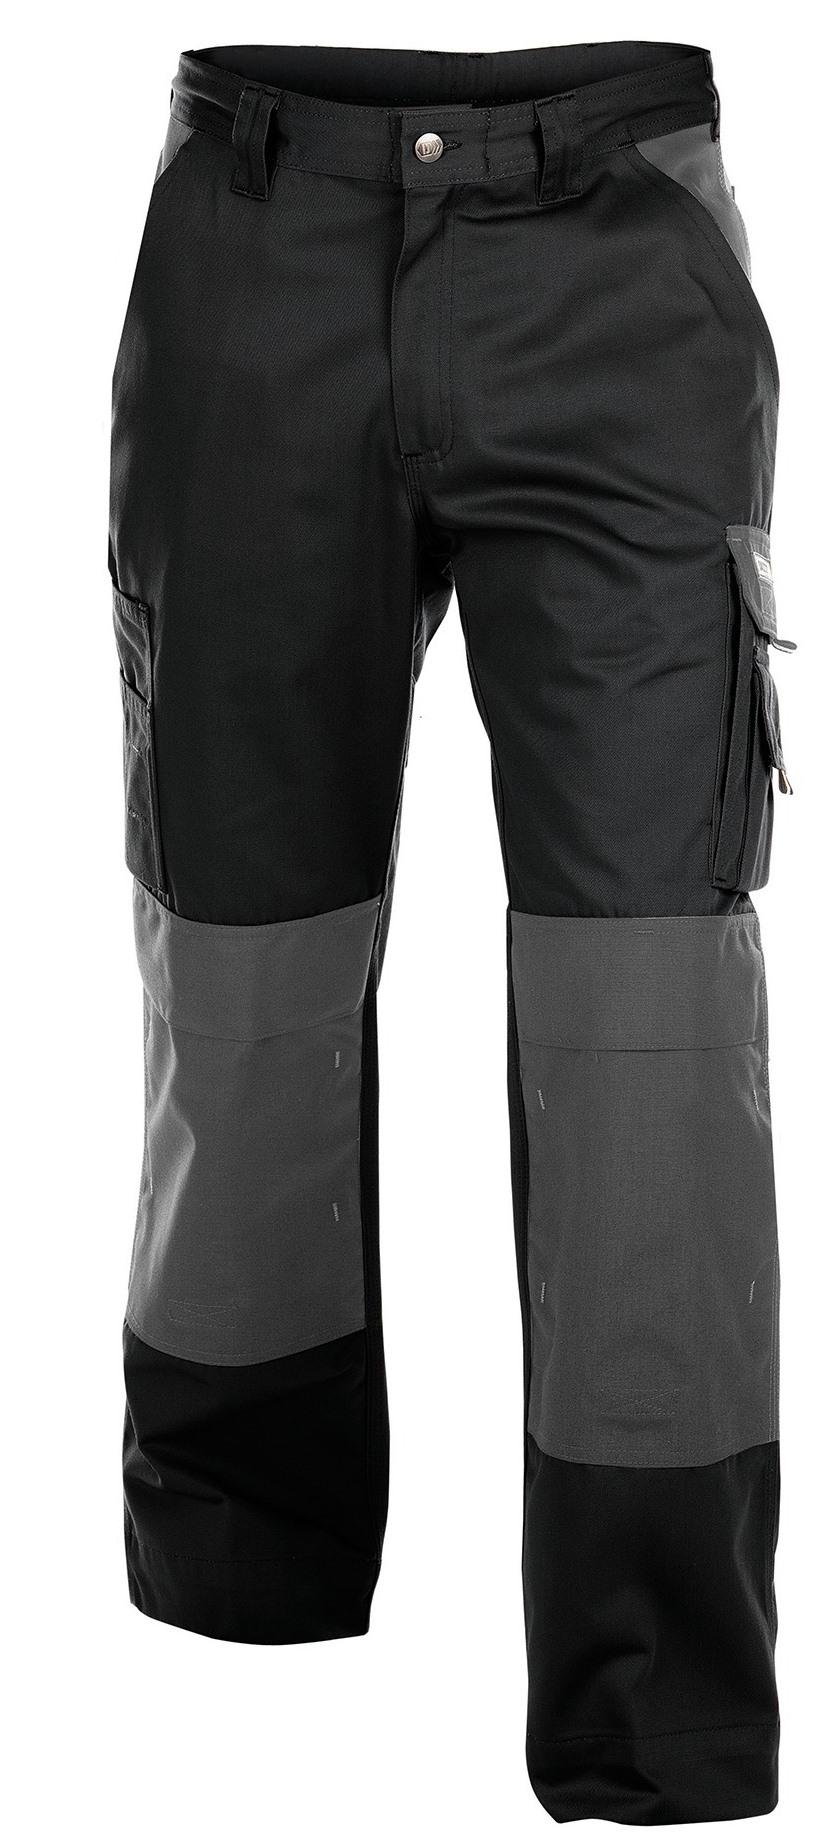 Dassy BOSTON Tweekleurige Werkbroek met kniestukken [200426]